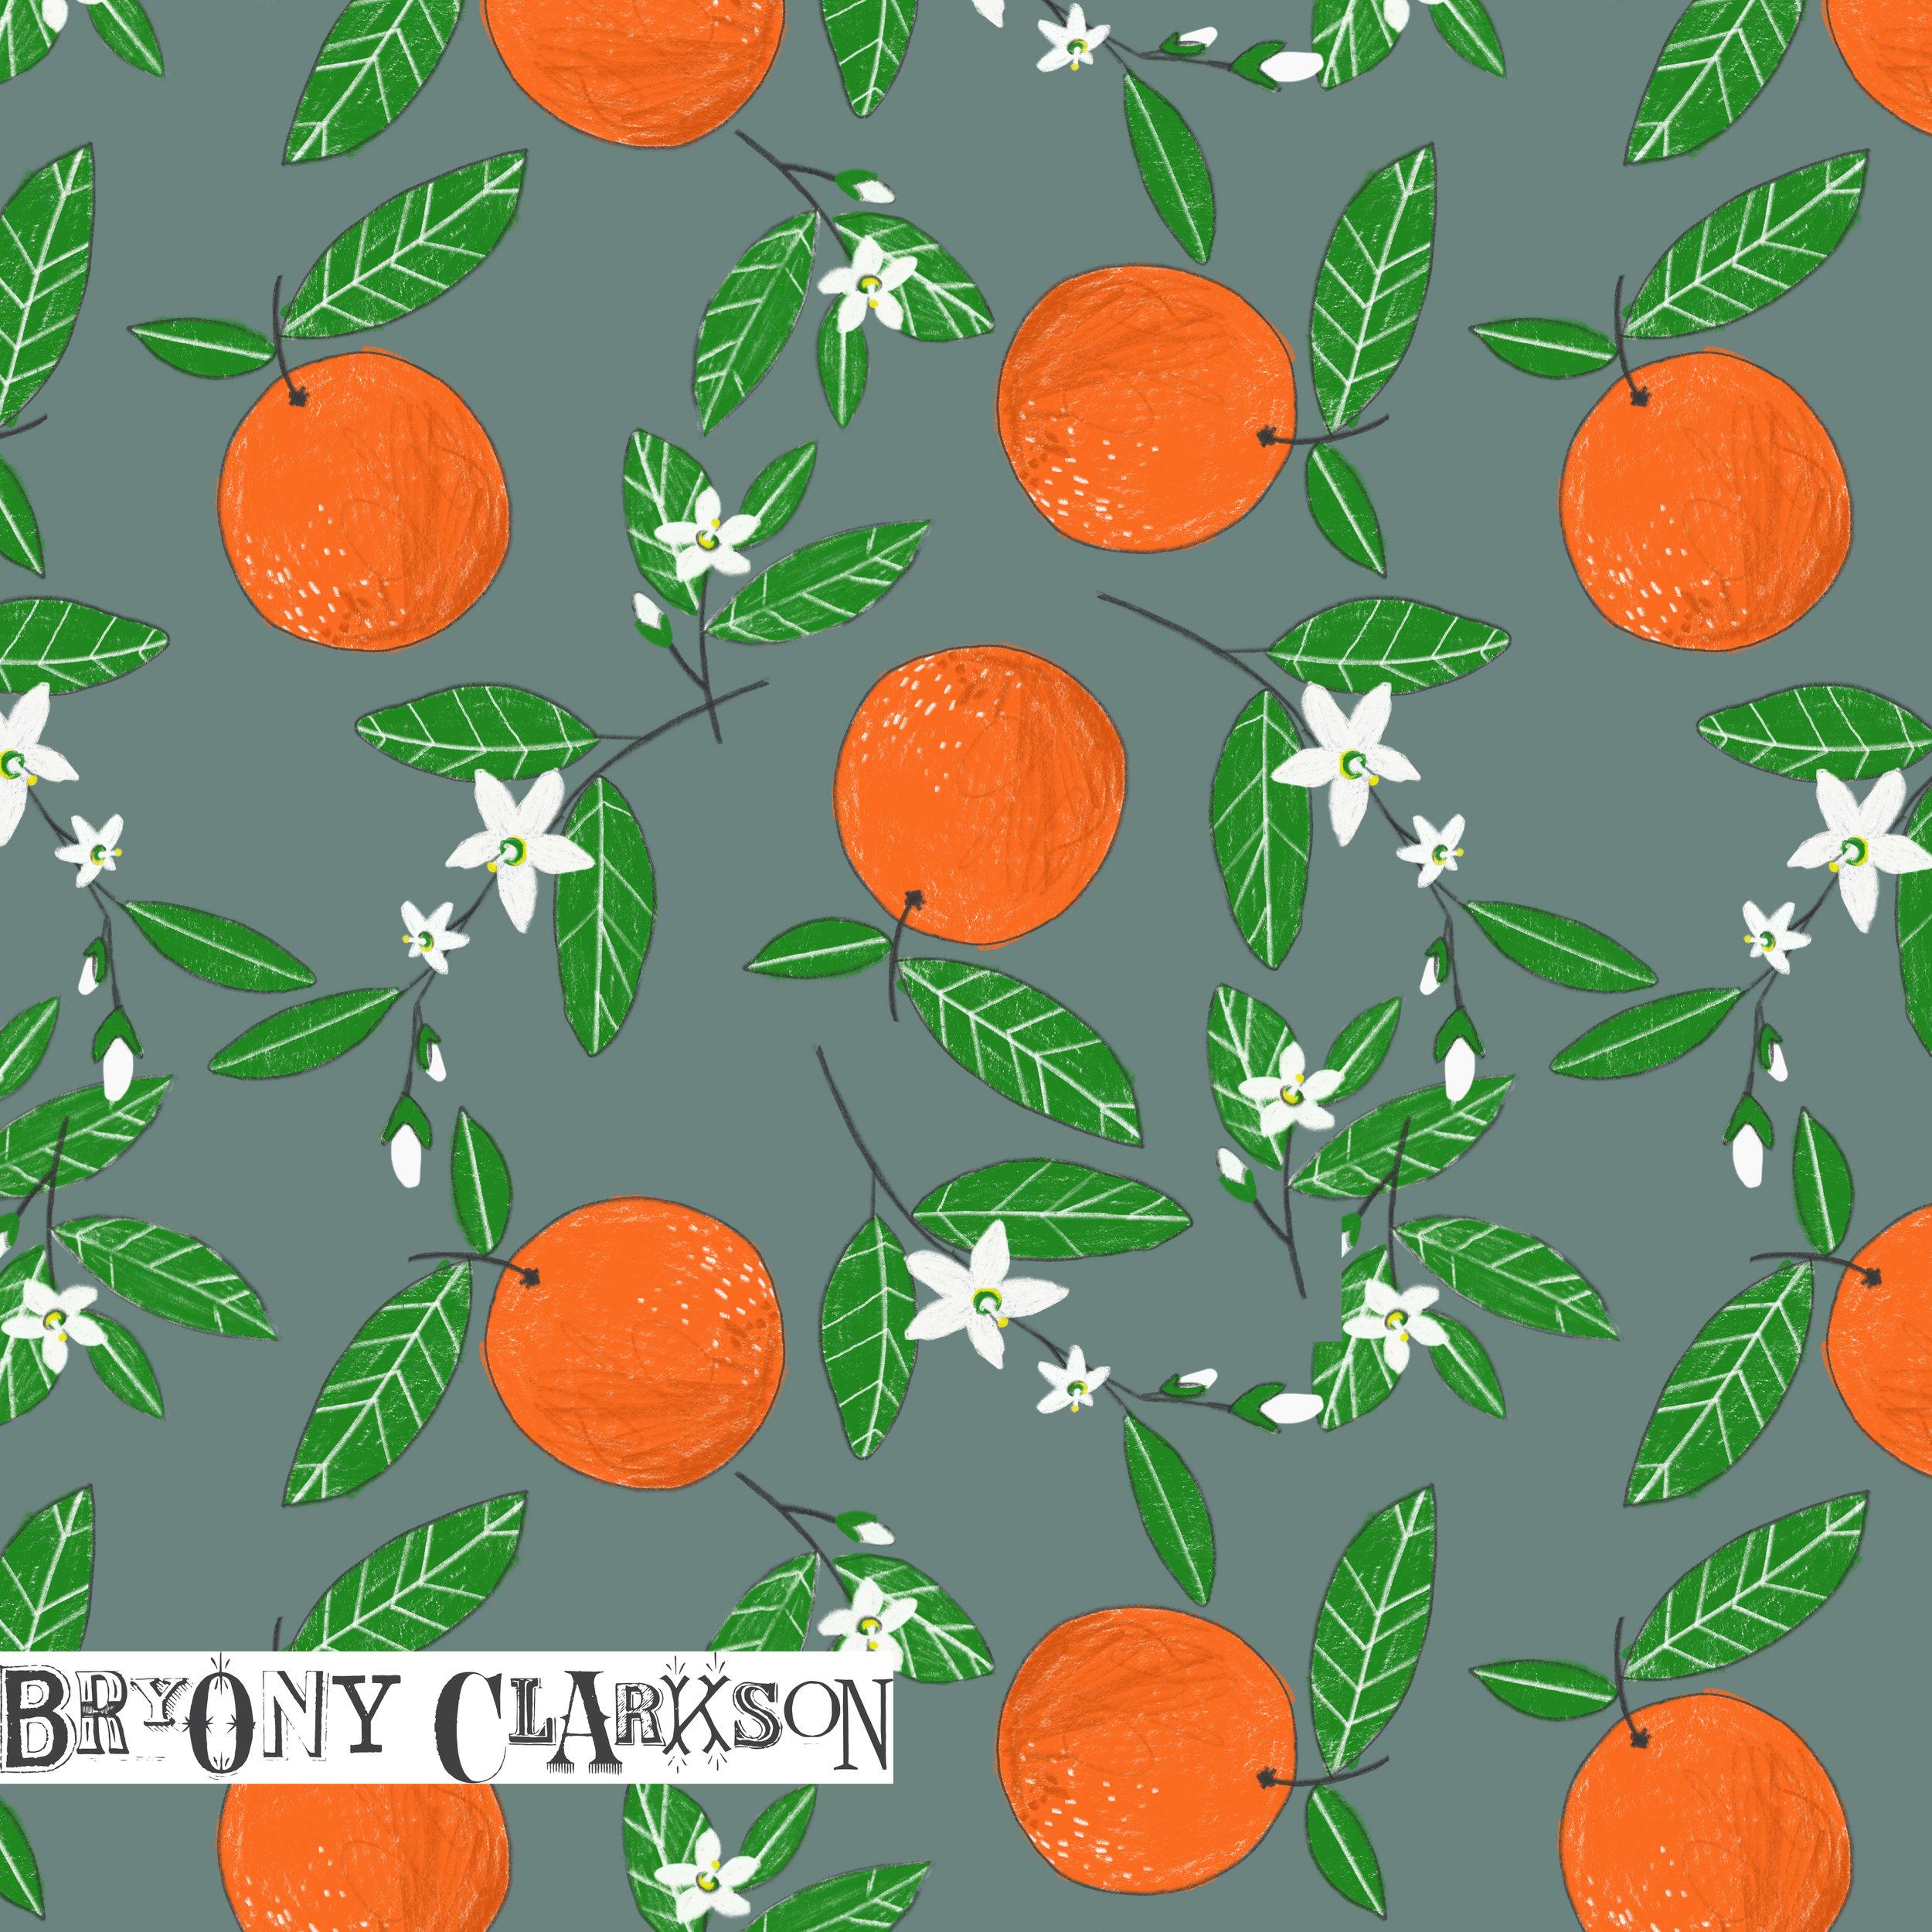 BC_Oranges_LR.jpg